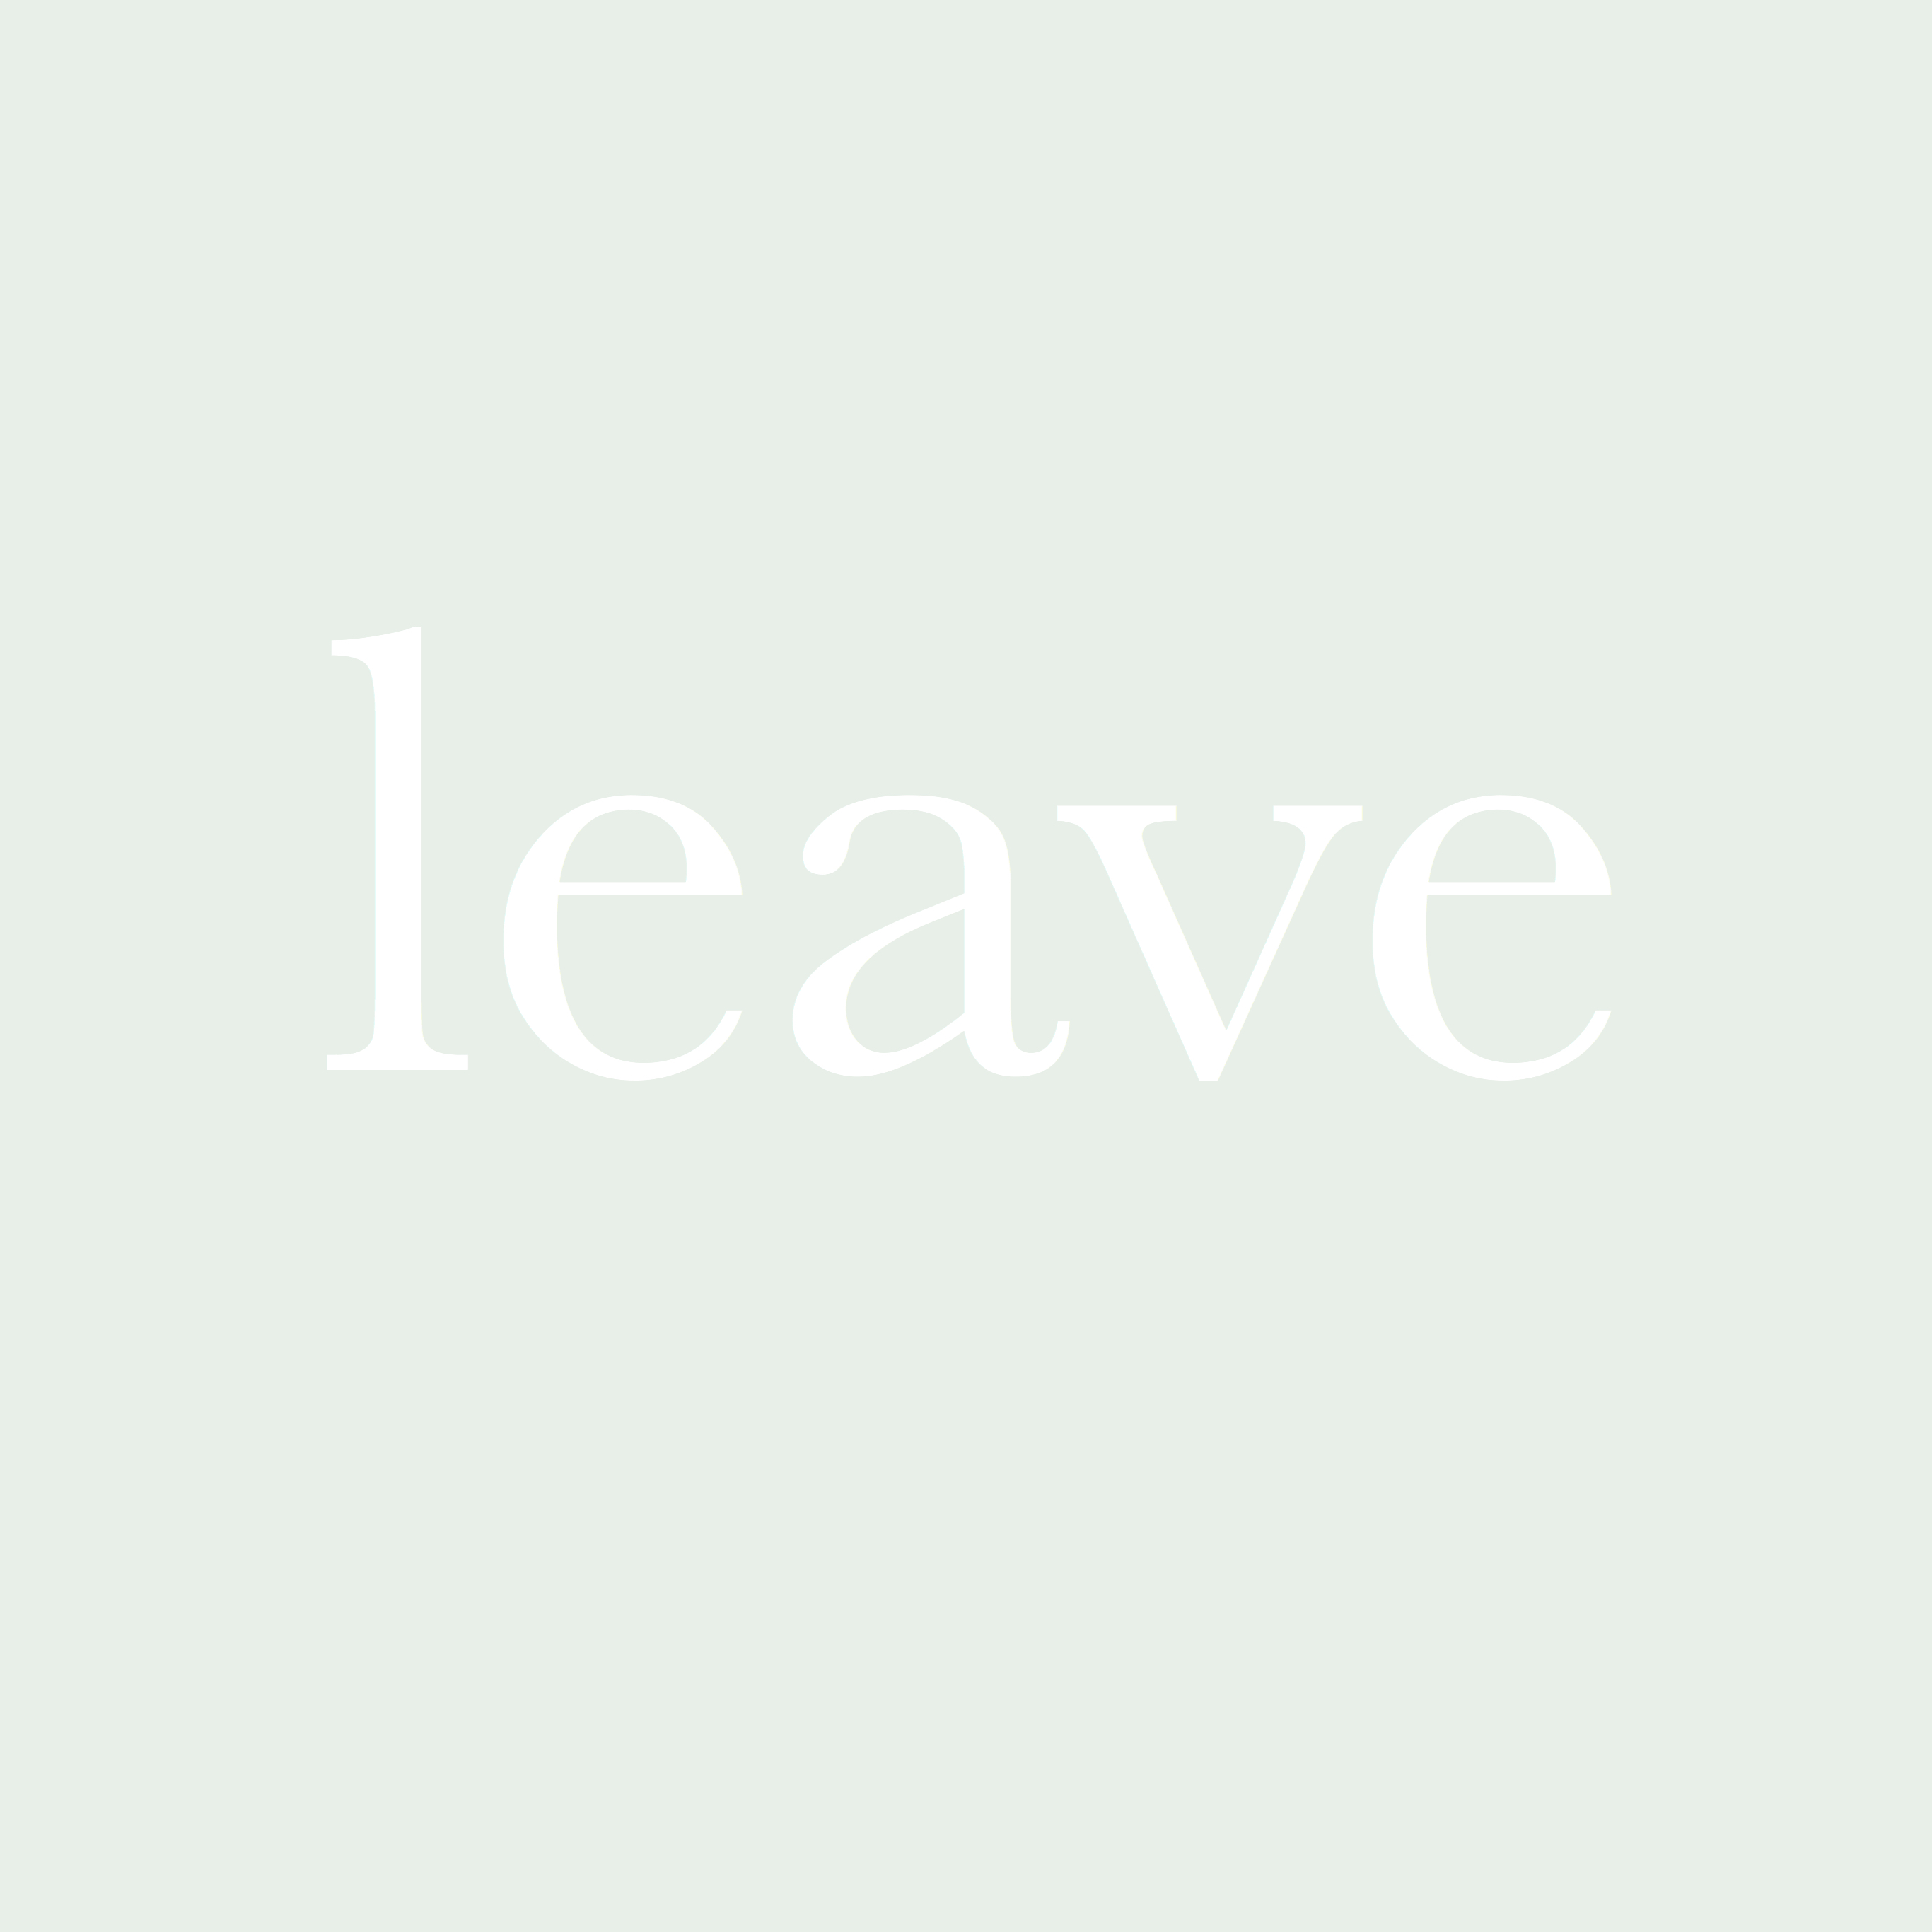 每日一字 : leave